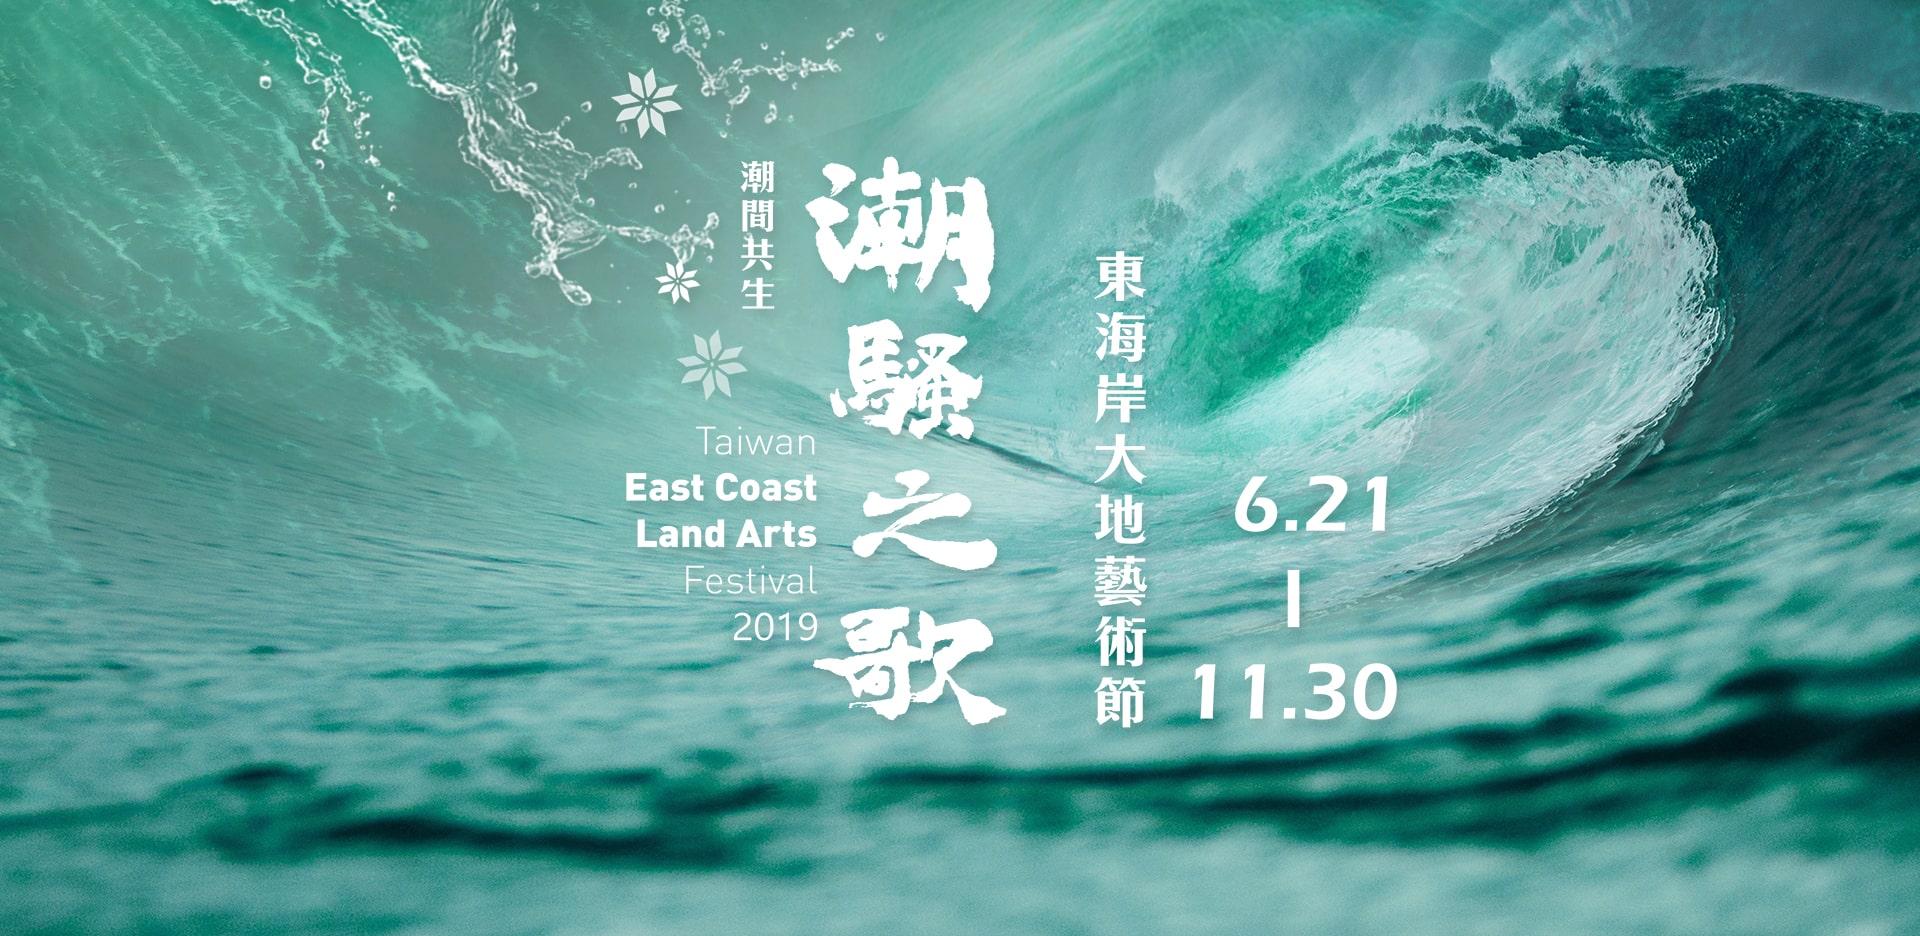 2019台湾東海岸大地芸術祭